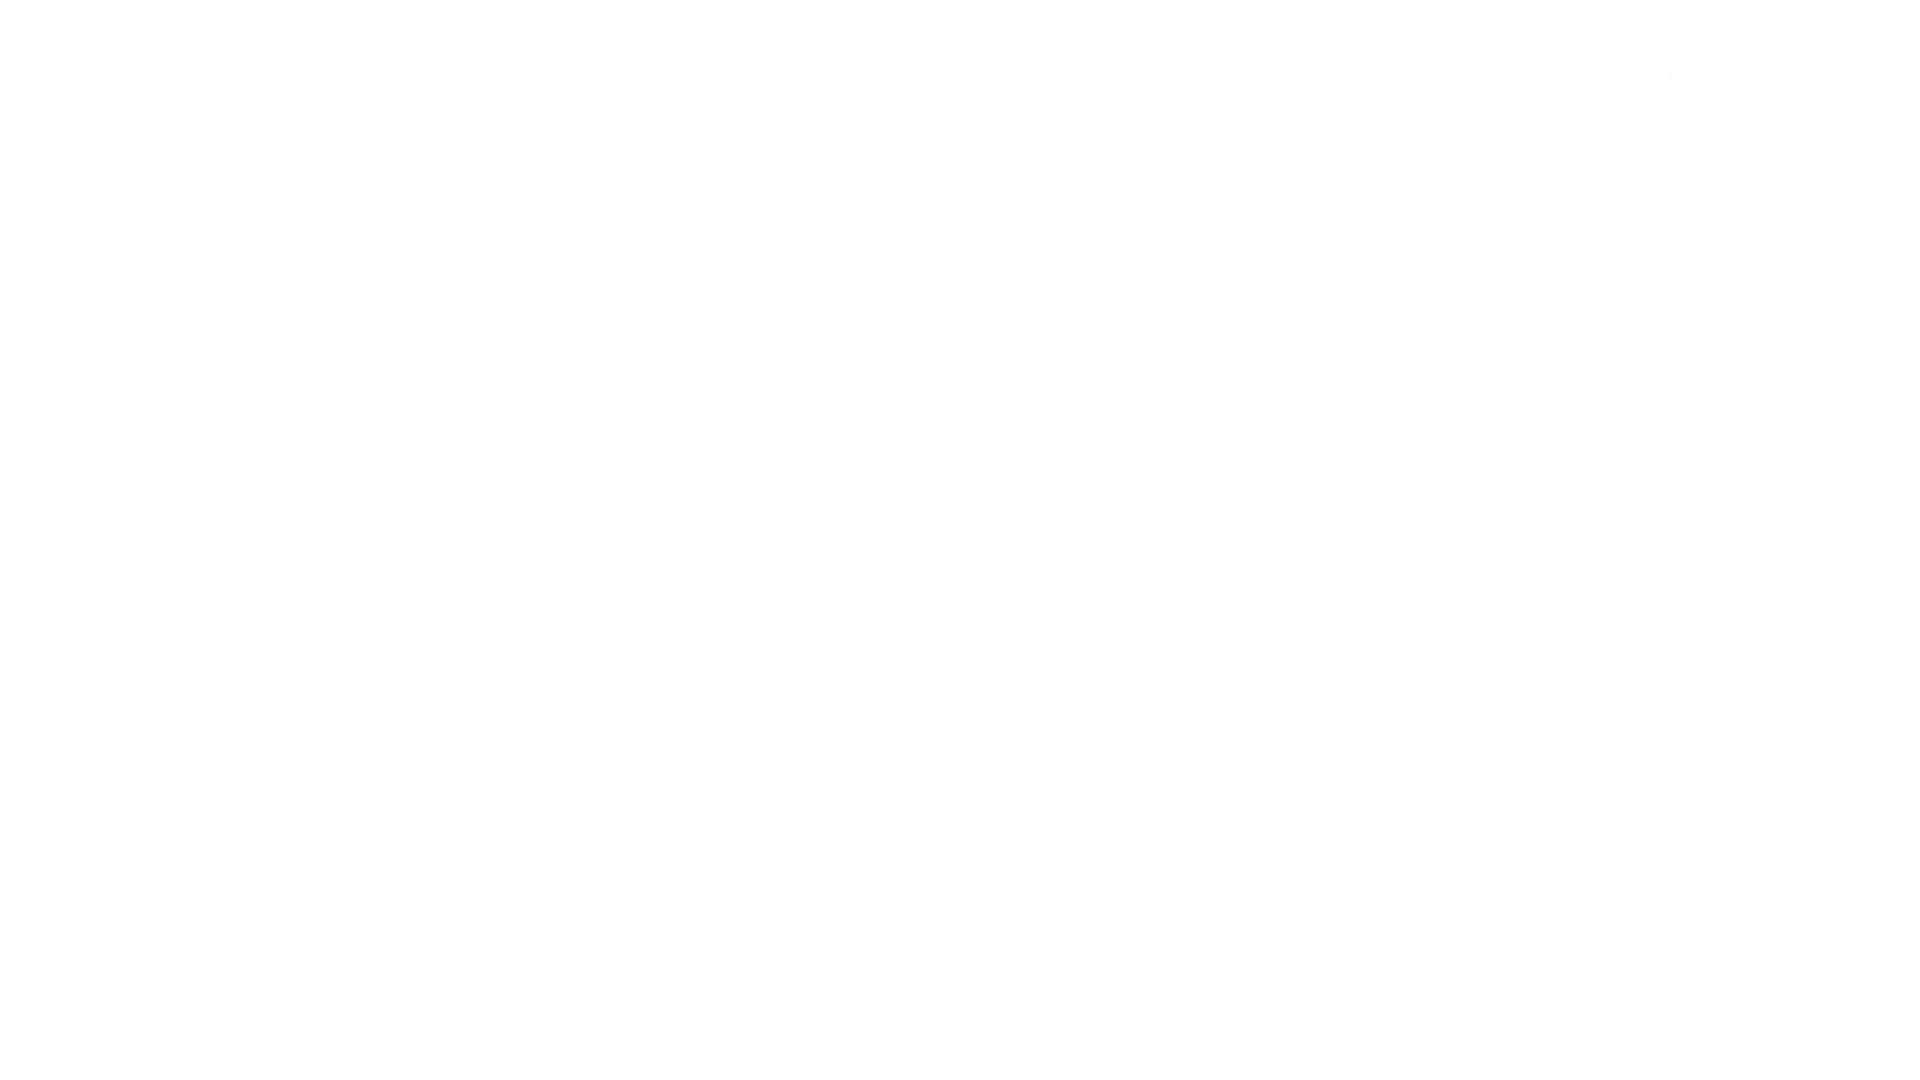 ▲復活限定▲ハイビジョン 盗神伝 Vol.25 盗撮映像大放出   エッチすぎるOL達  106連発 31